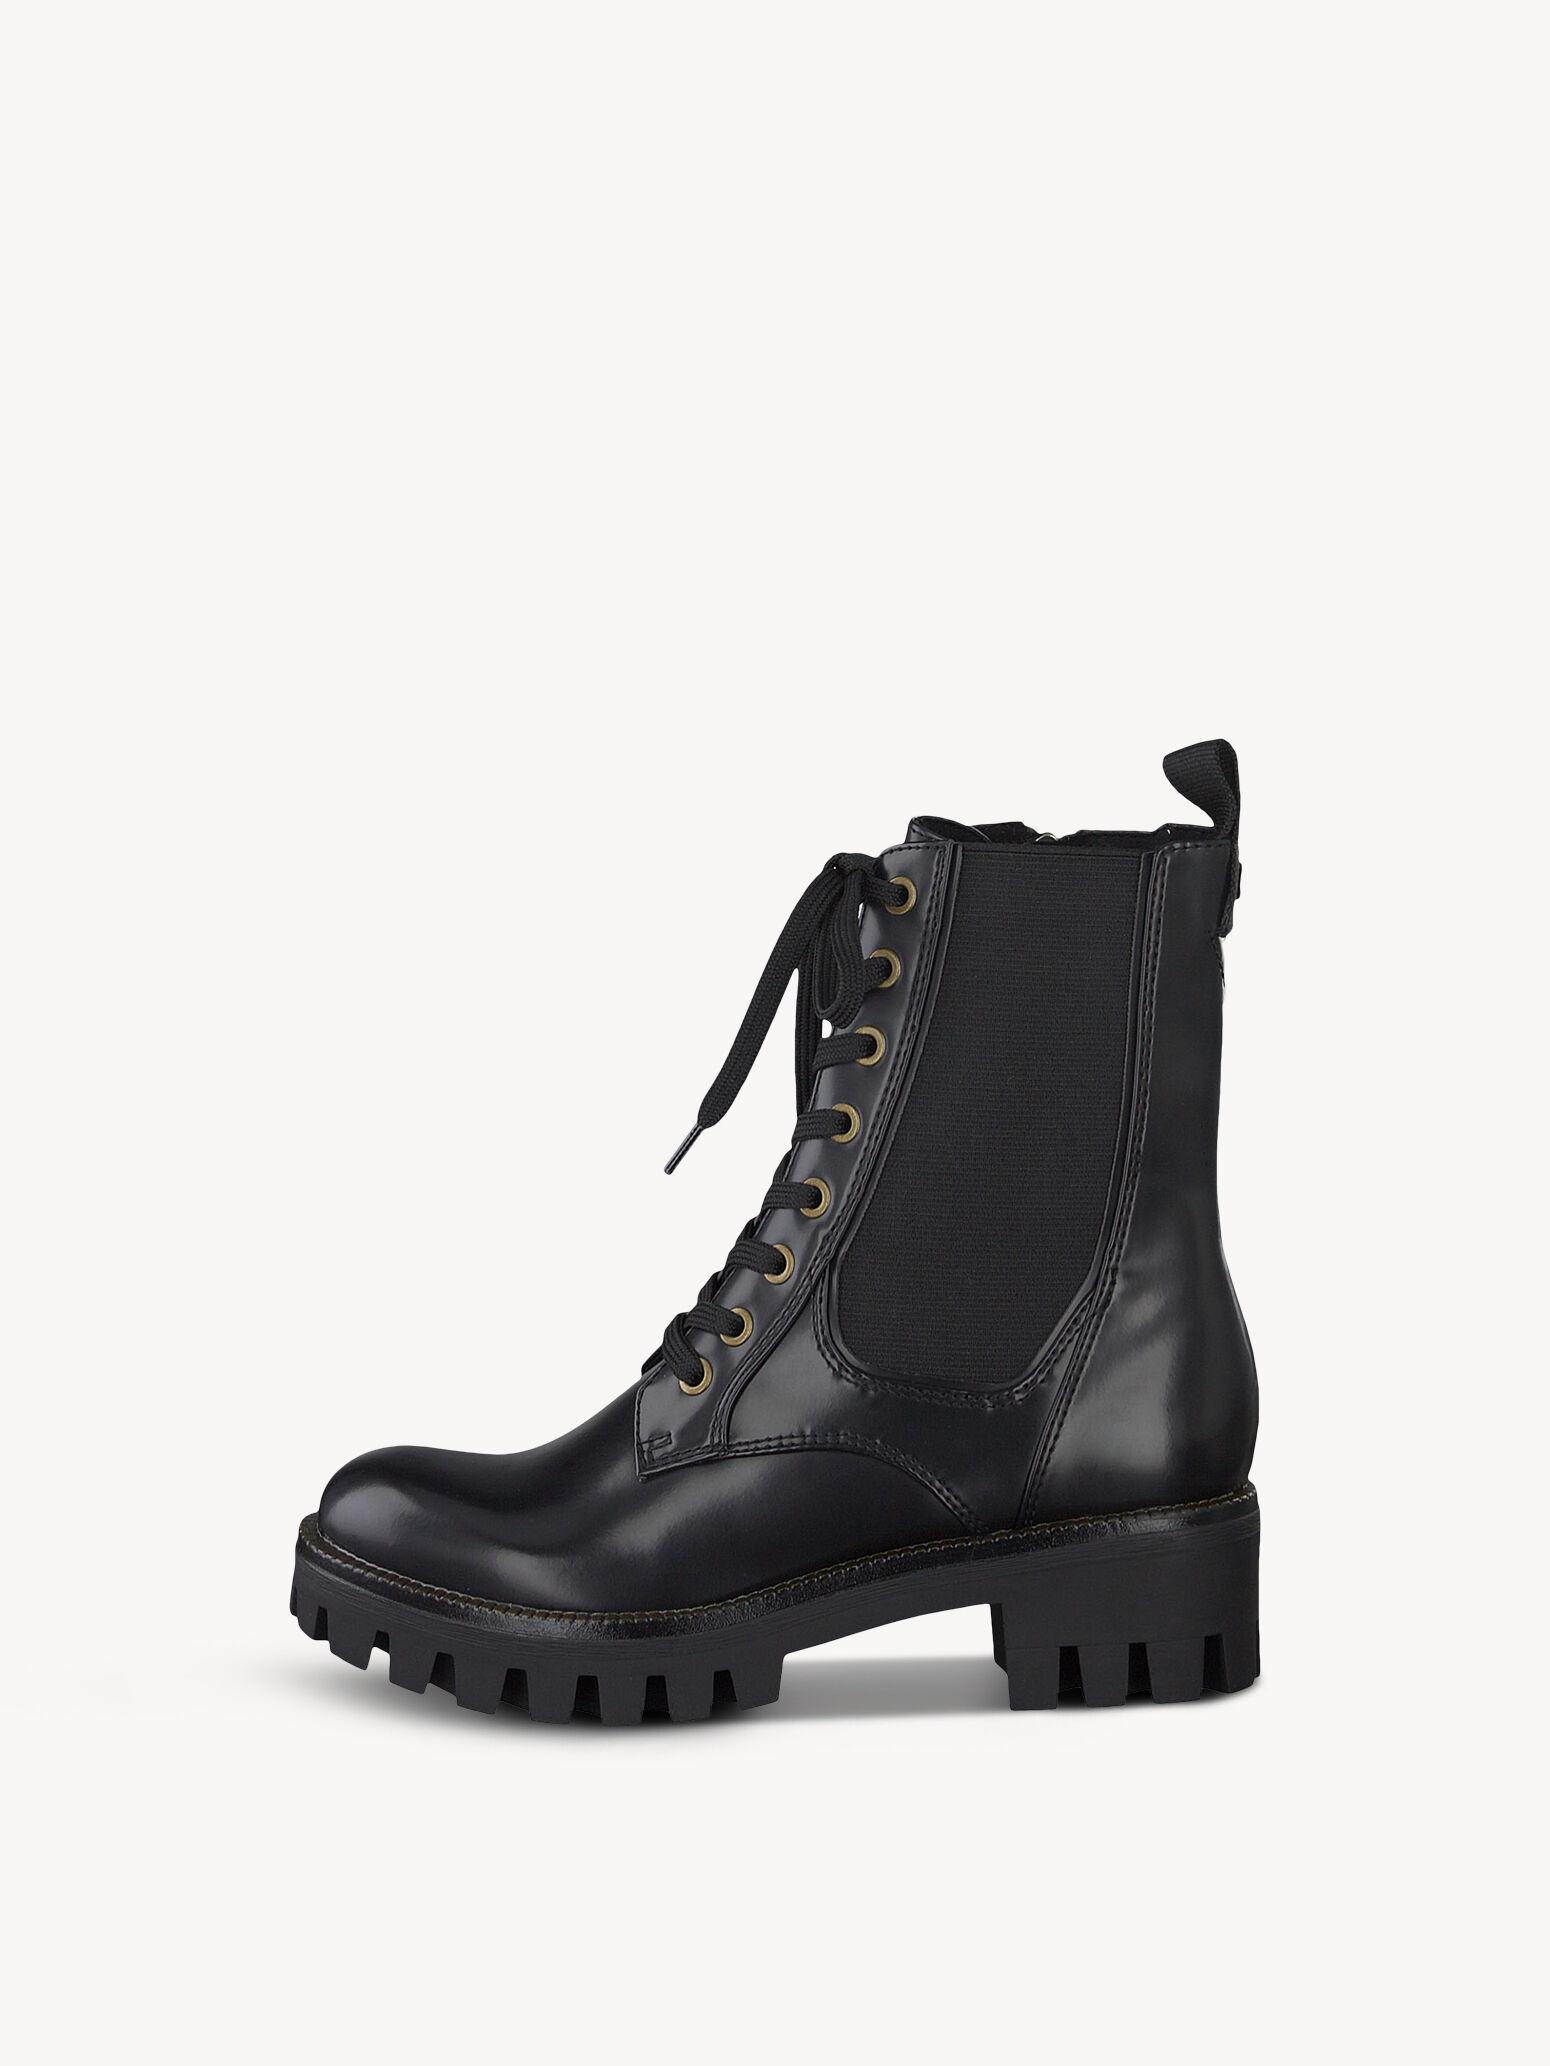 Tamaris À Chaussures Femmes Pour Les YWEDH29I